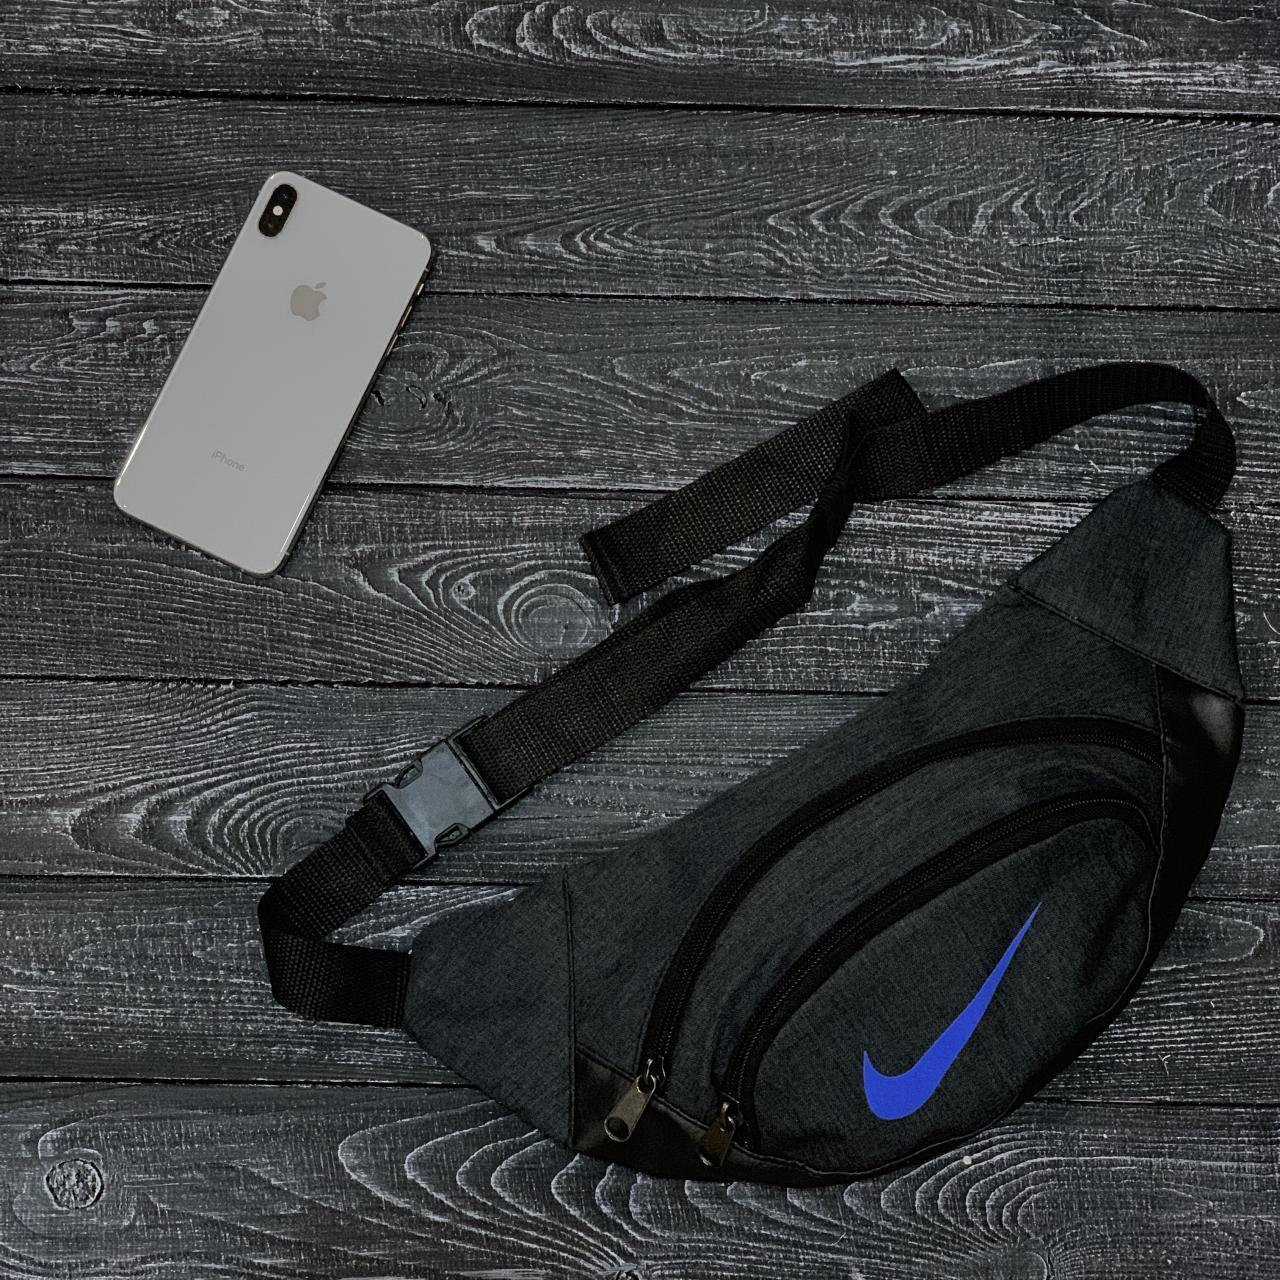 7acc9b71 Поясная сумка, бананка, сумка на пояс Nike, цвет черный меланж (синие лого